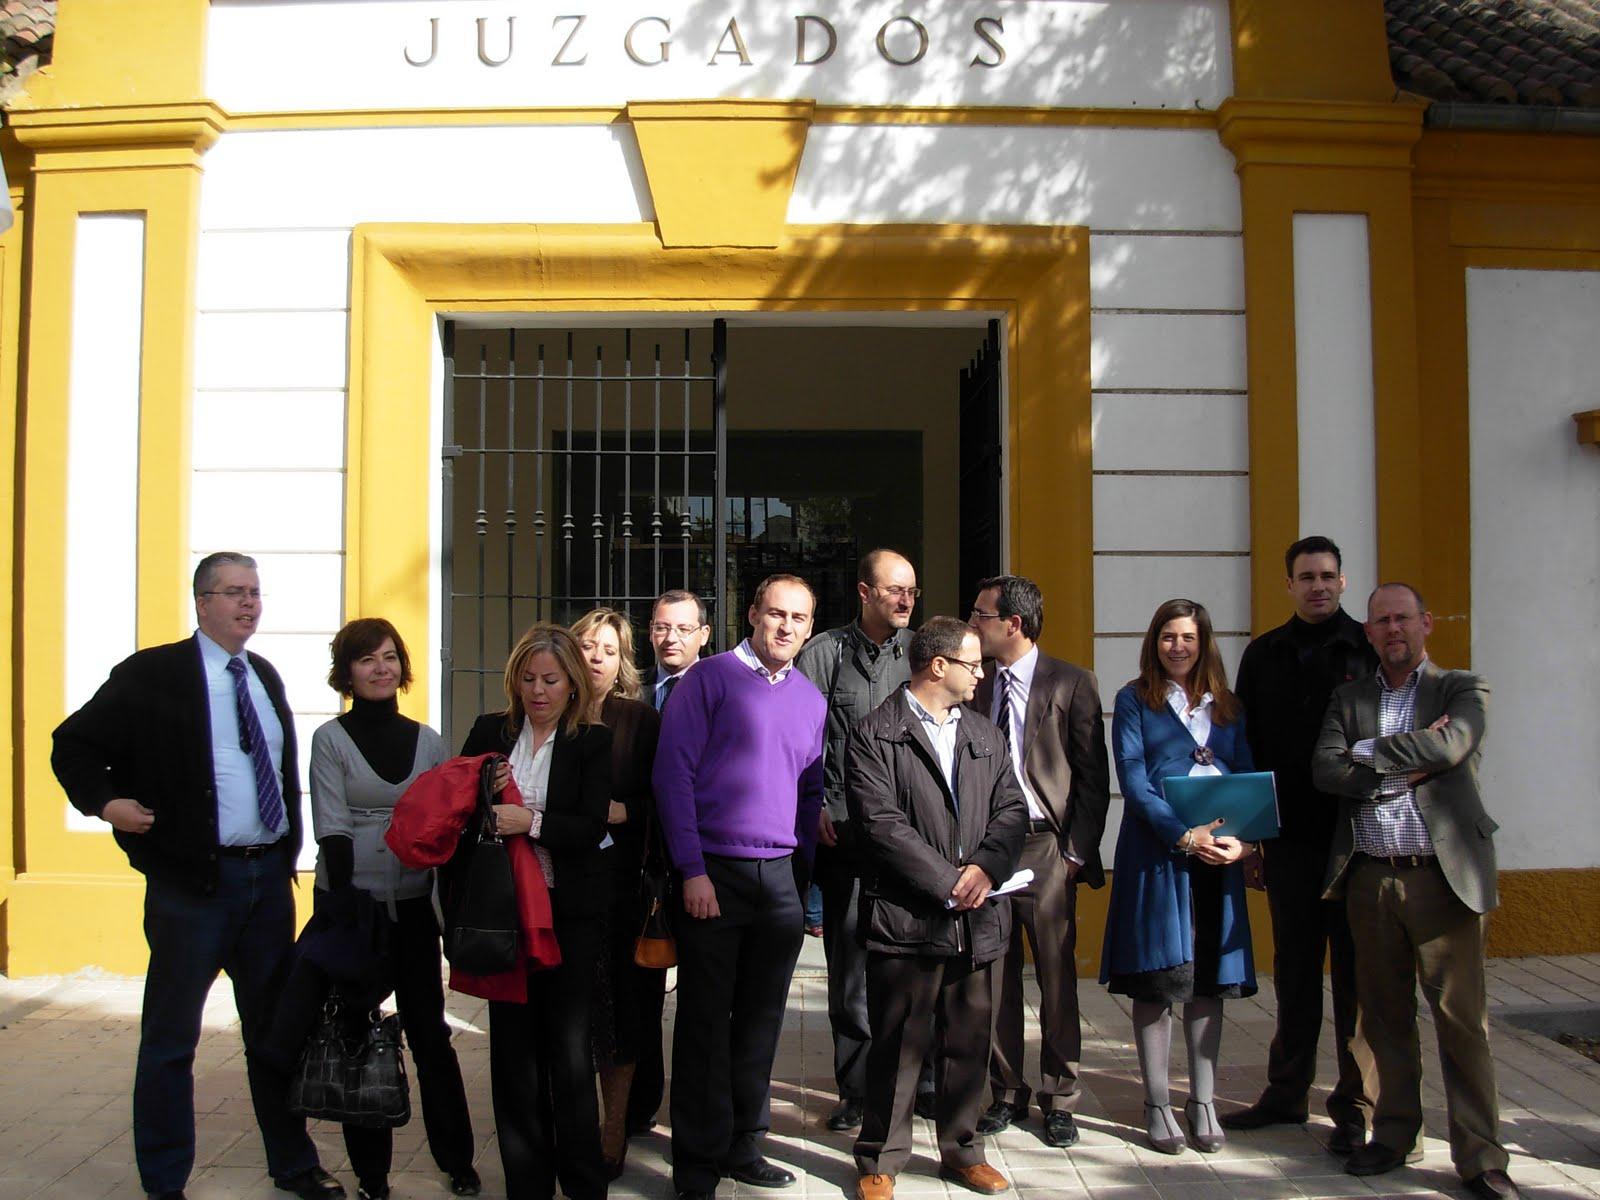 El tonto de oficio noviembre 2009 for Juzgado de guadix